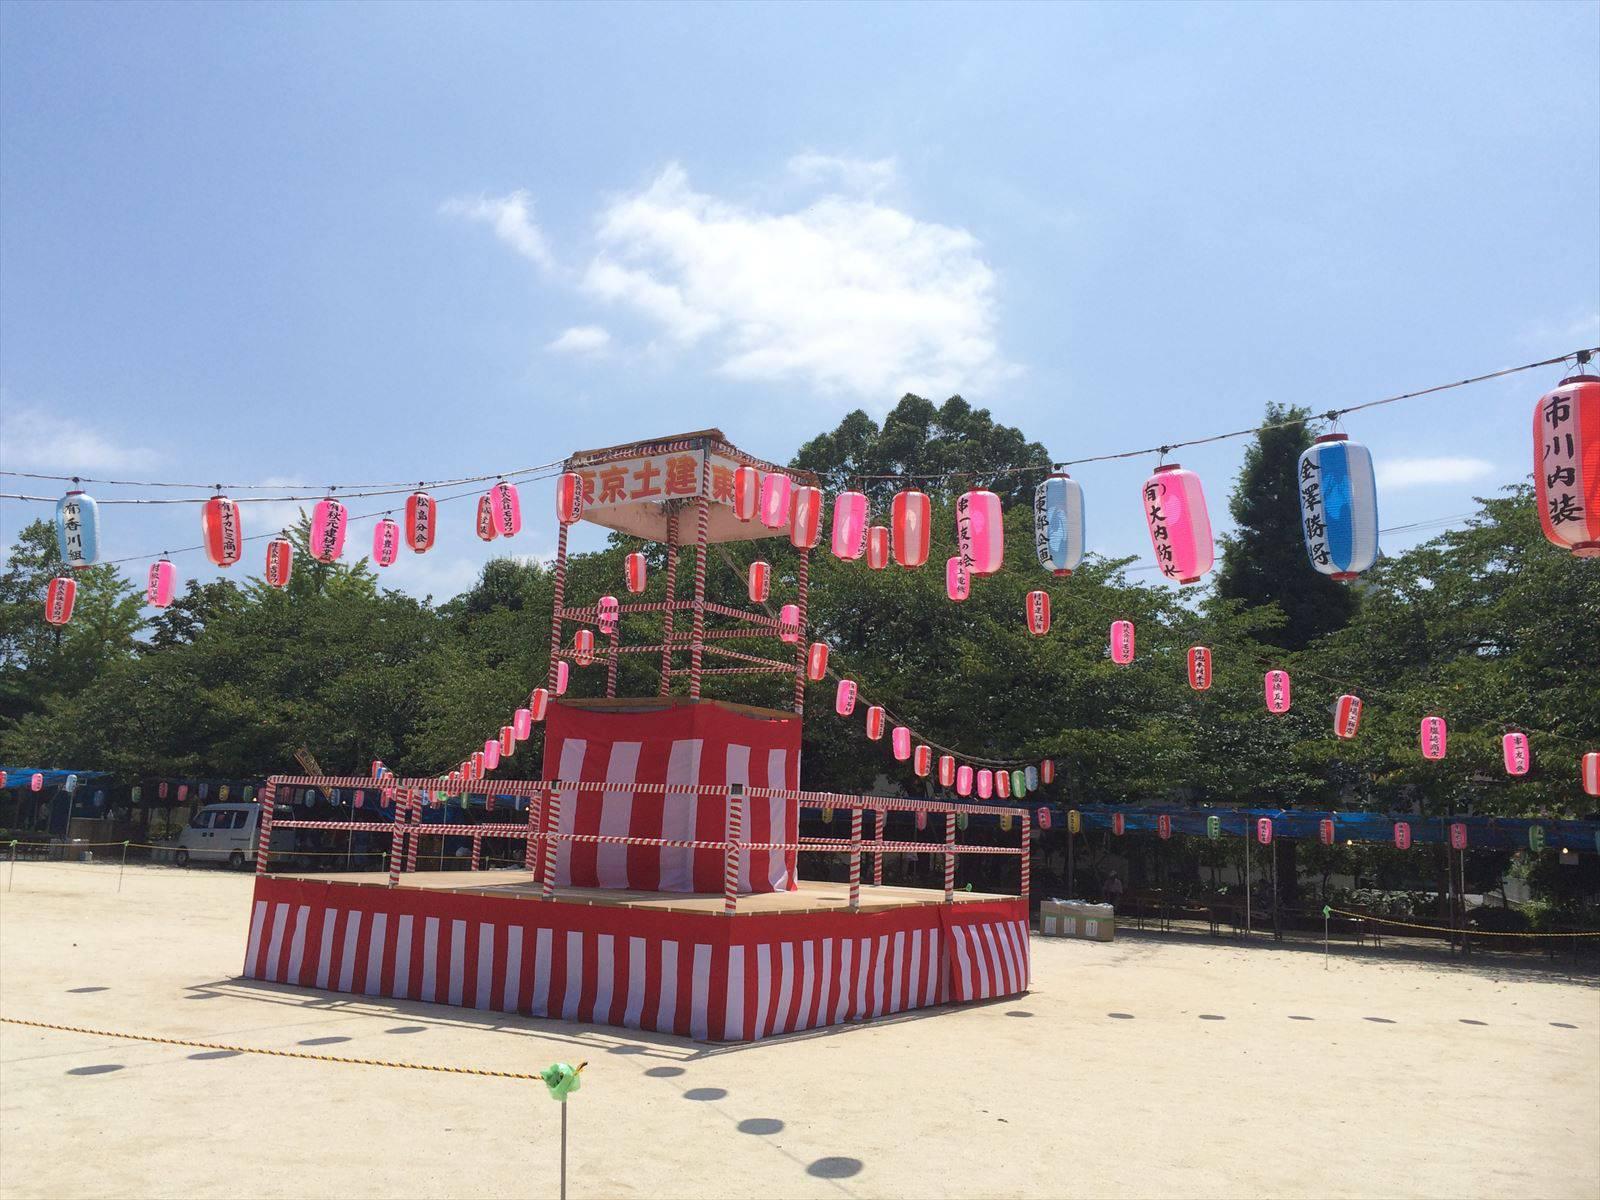 東京土建祭り 櫓の様子